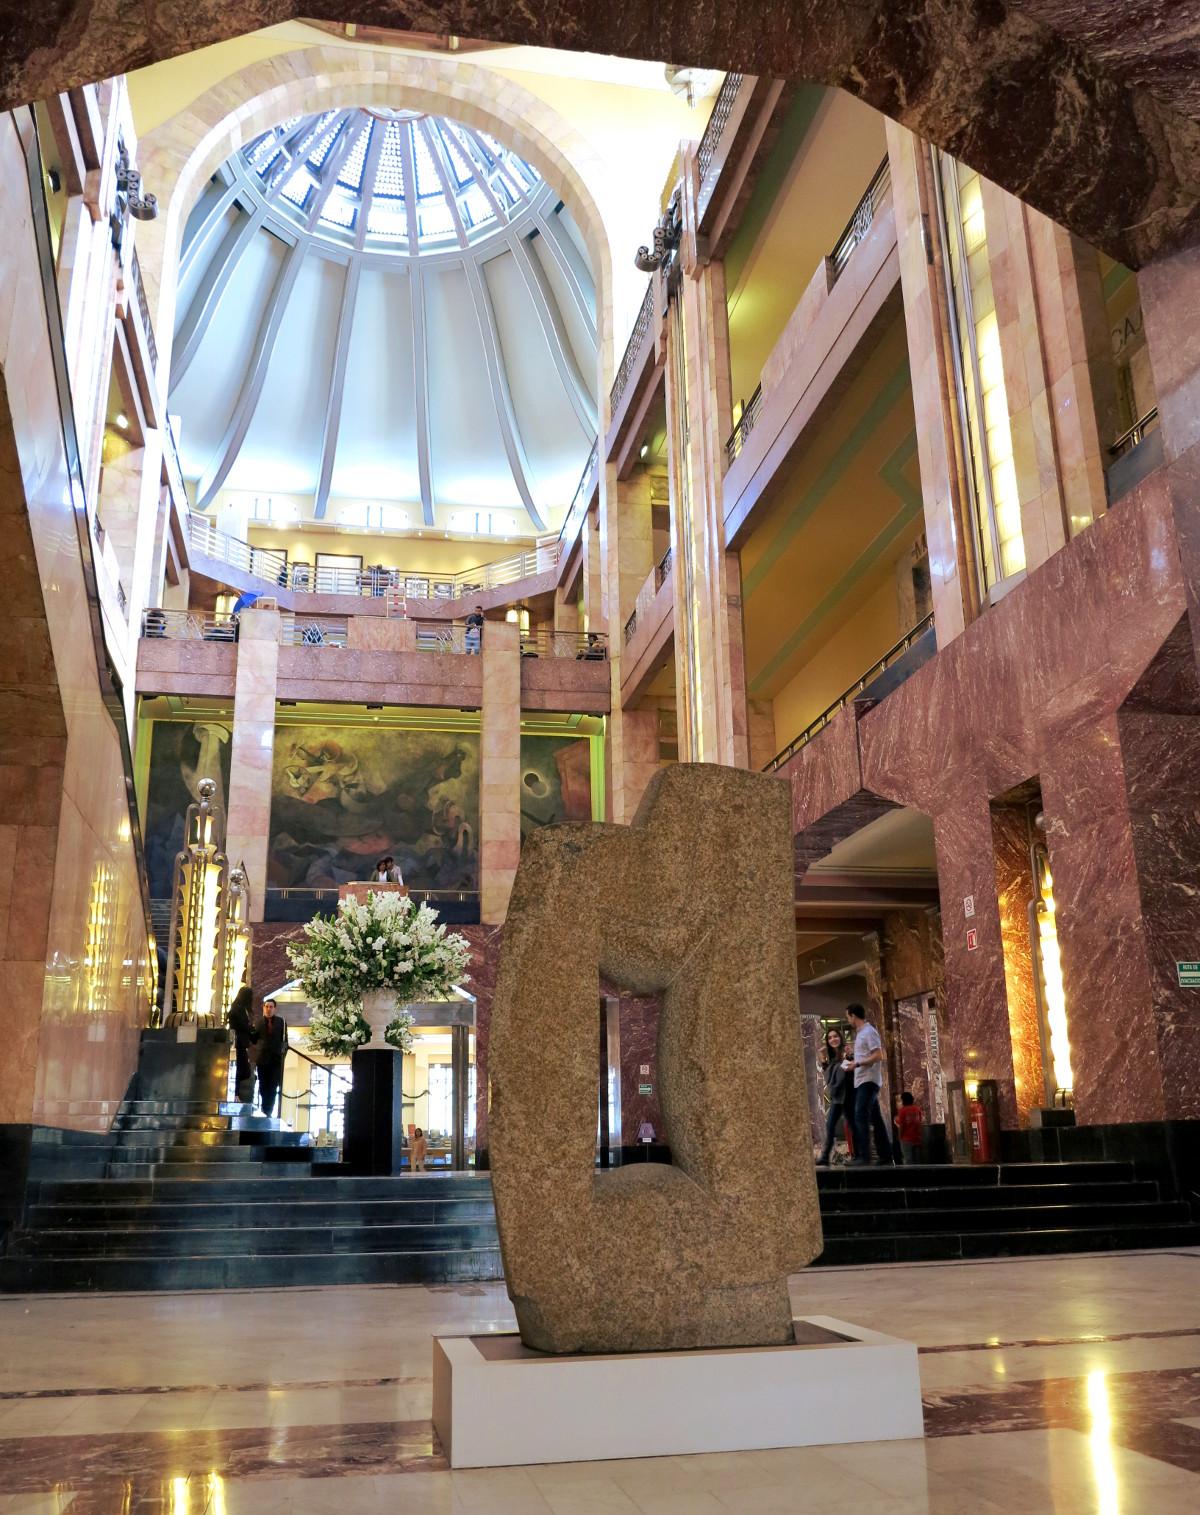 Palacio de Bellas Artes Mexico City Double-Barrelled Travel